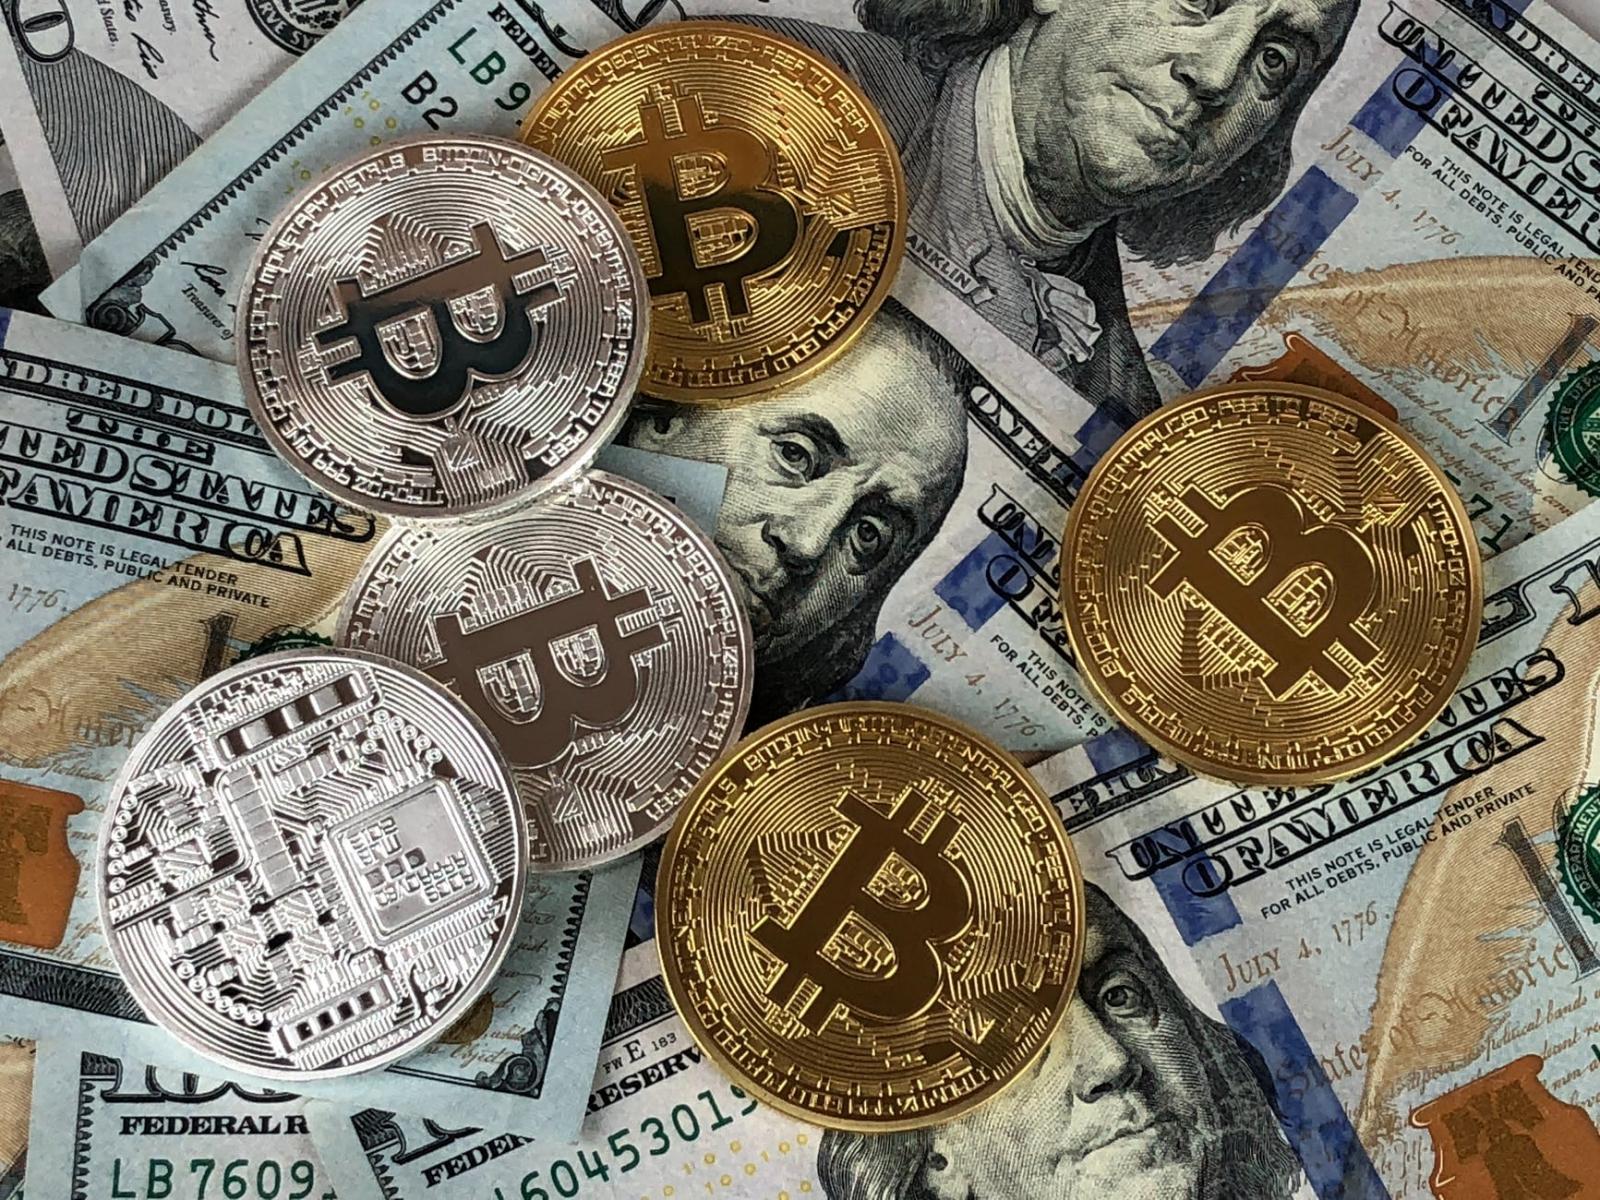 【理財專知】 虛擬貨幣有夠夯!除了比特幣還有哪些呢?熱門幣介紹